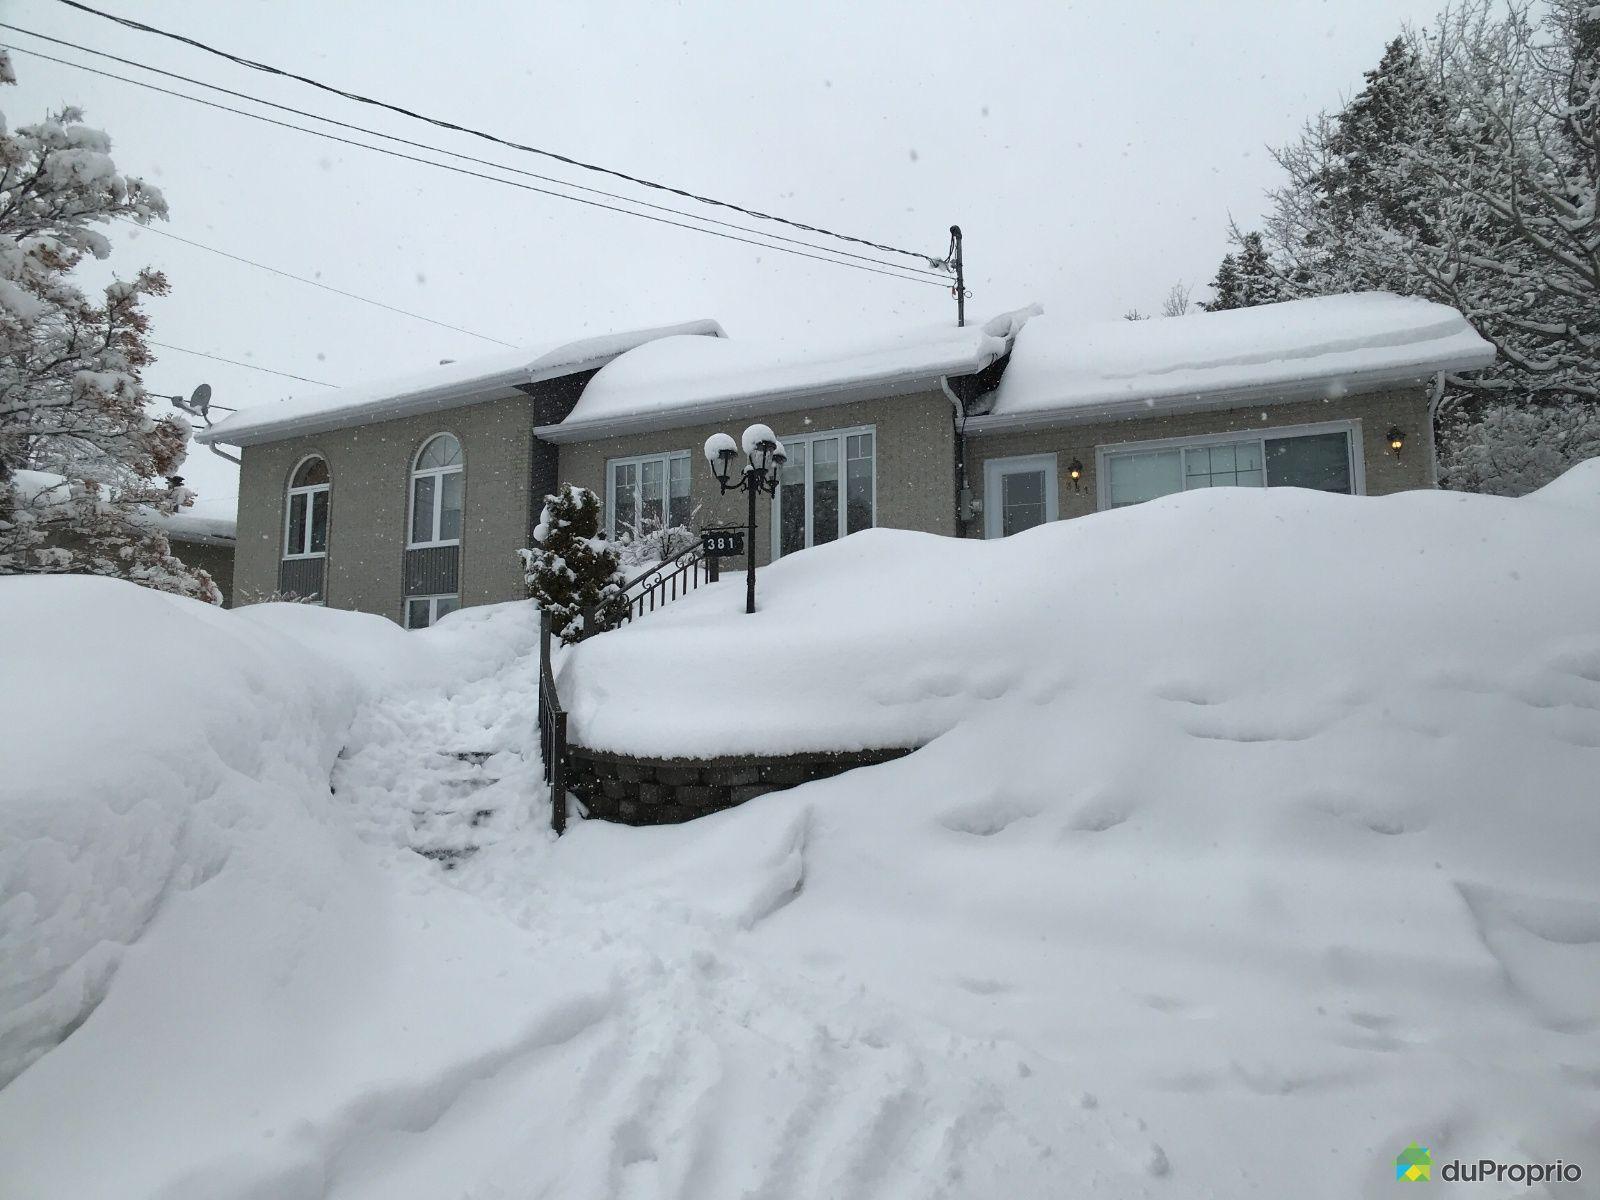 Winter Front - 381 rue Sainte-Anne, Alma for sale